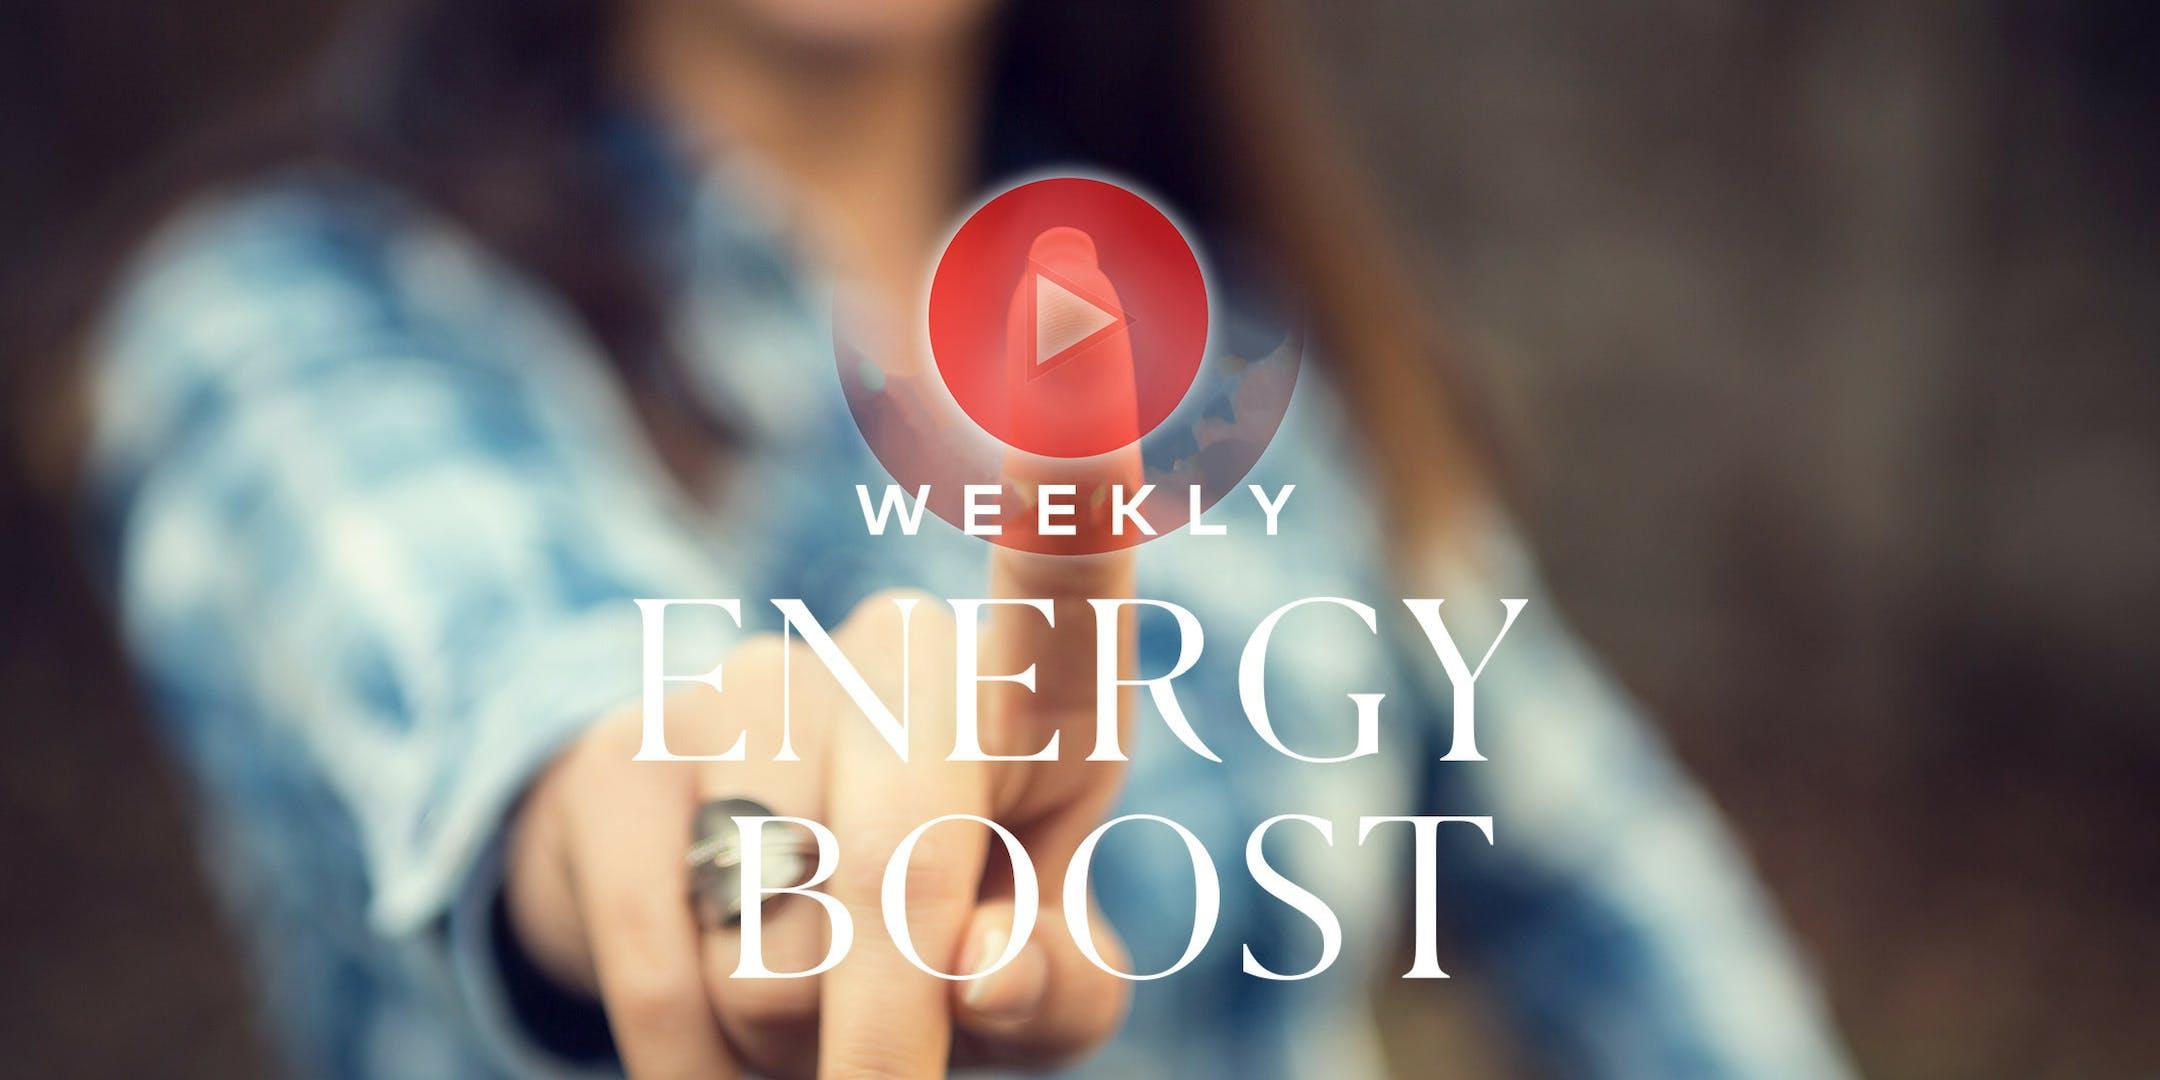 Energy of the Week 2019